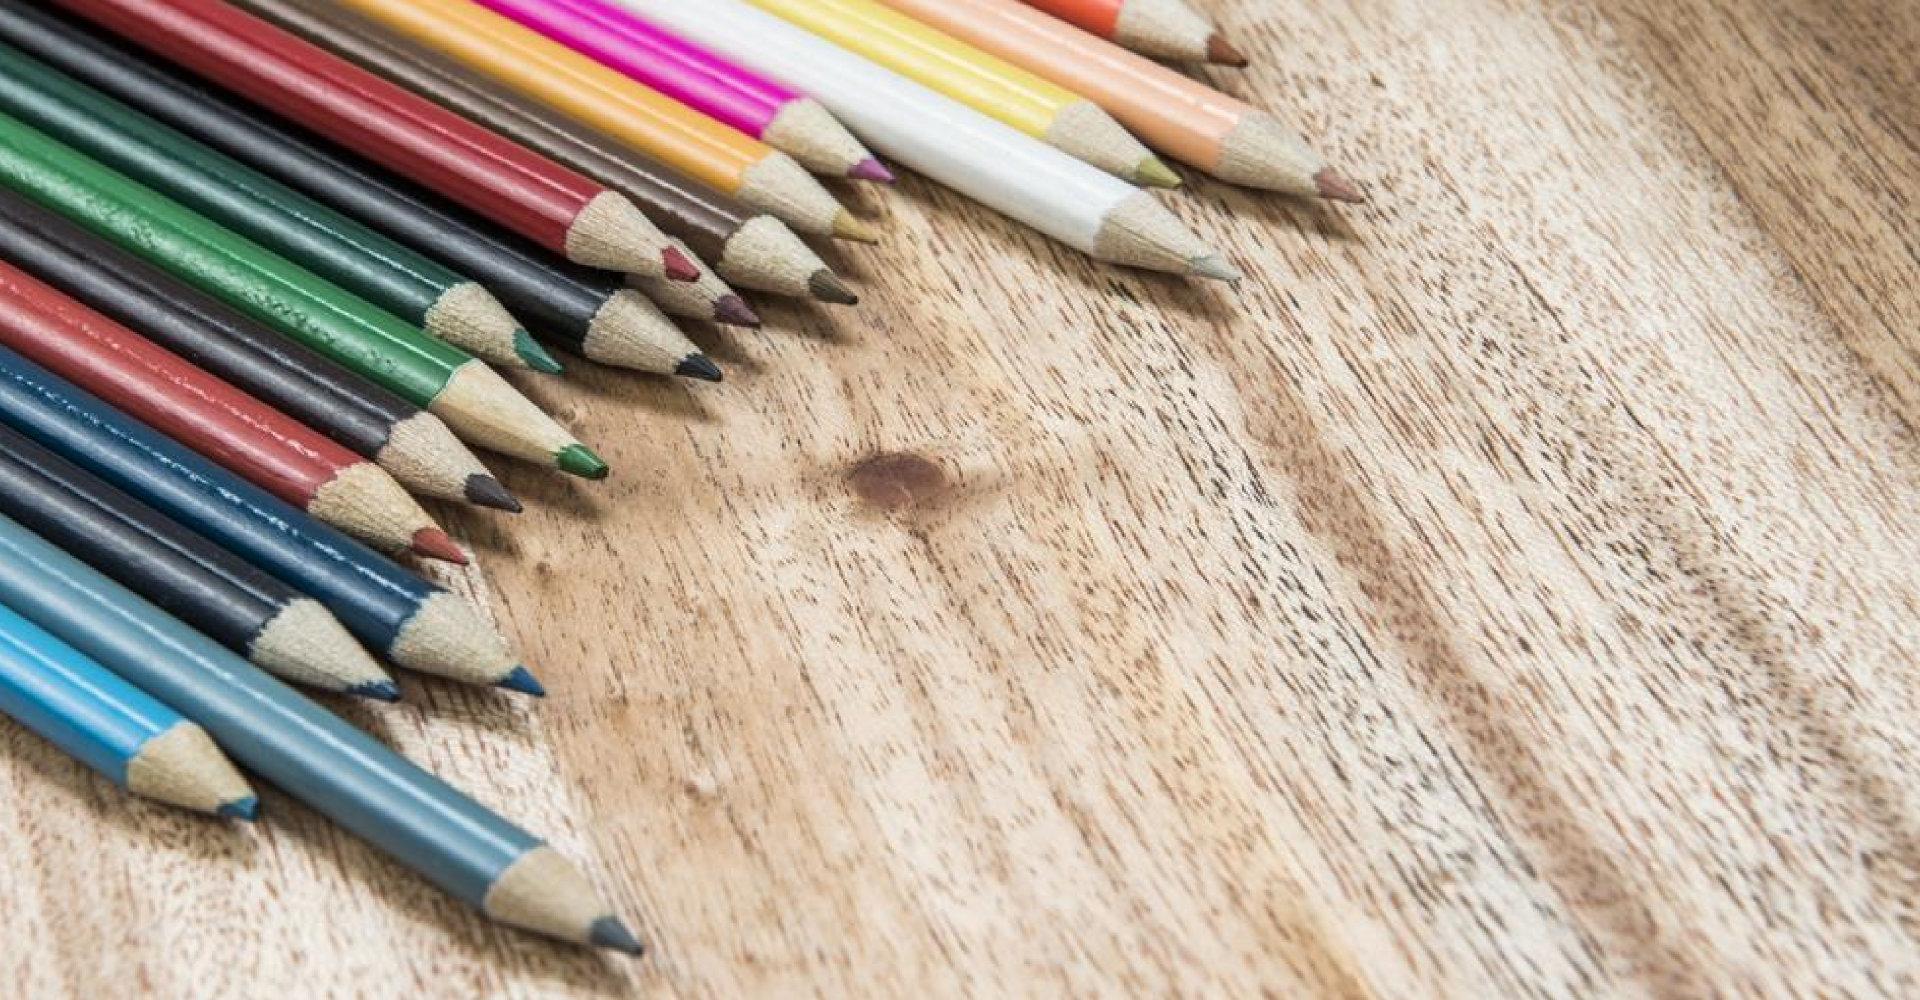 Zum kindlichen Aufwachsen gehören Buntstifte.